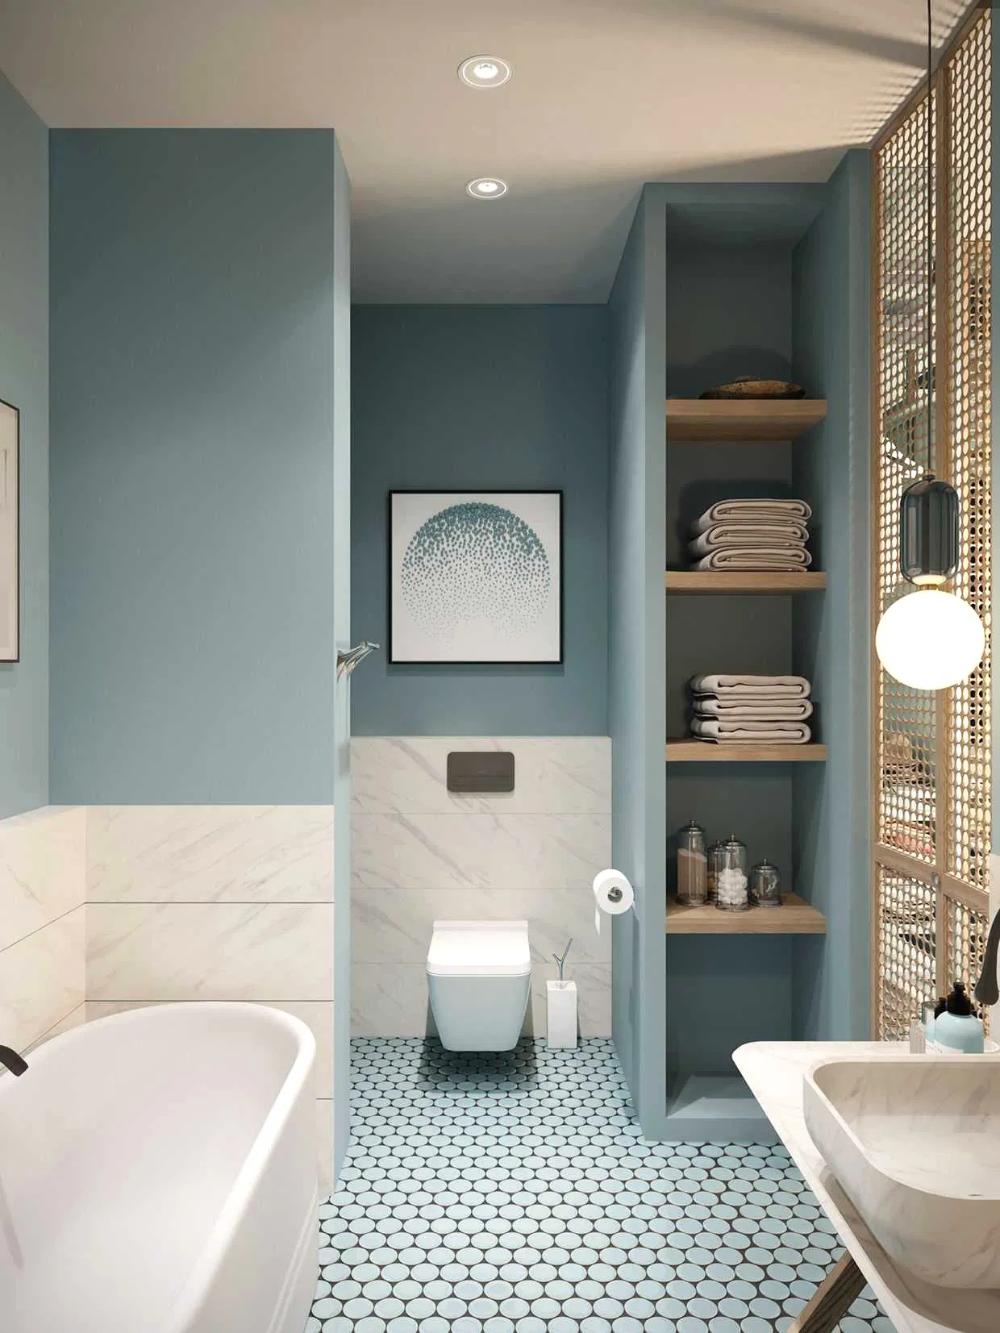 salle de bain sans fenetre – Recherche Google   Idée salle ...